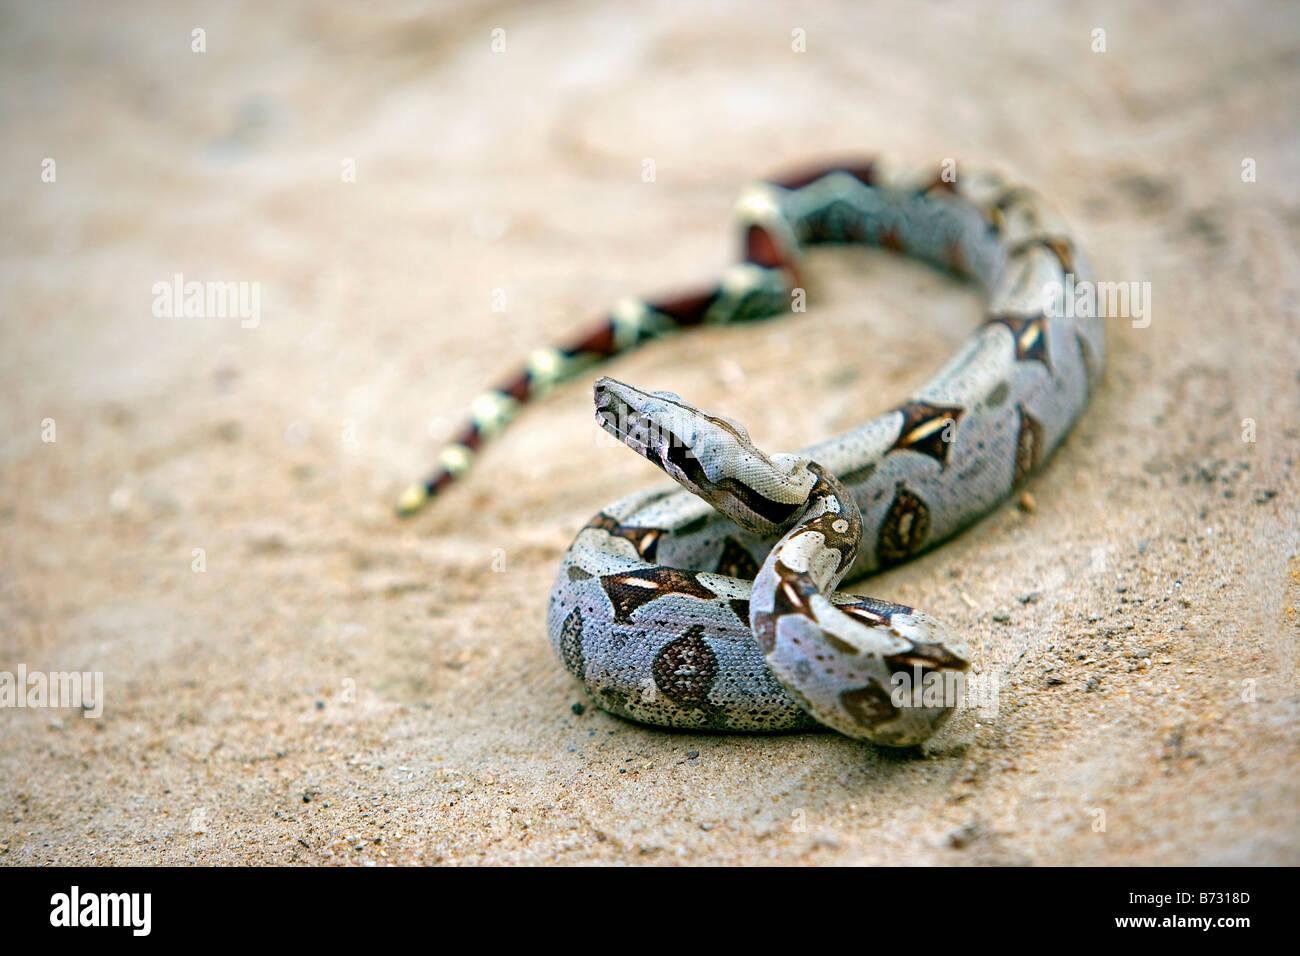 Le Suriname, Laduani, sur la rive de la rivière Suriname Boven. Boa Constrictor. (Boa constrictor constrictor). Photo Stock